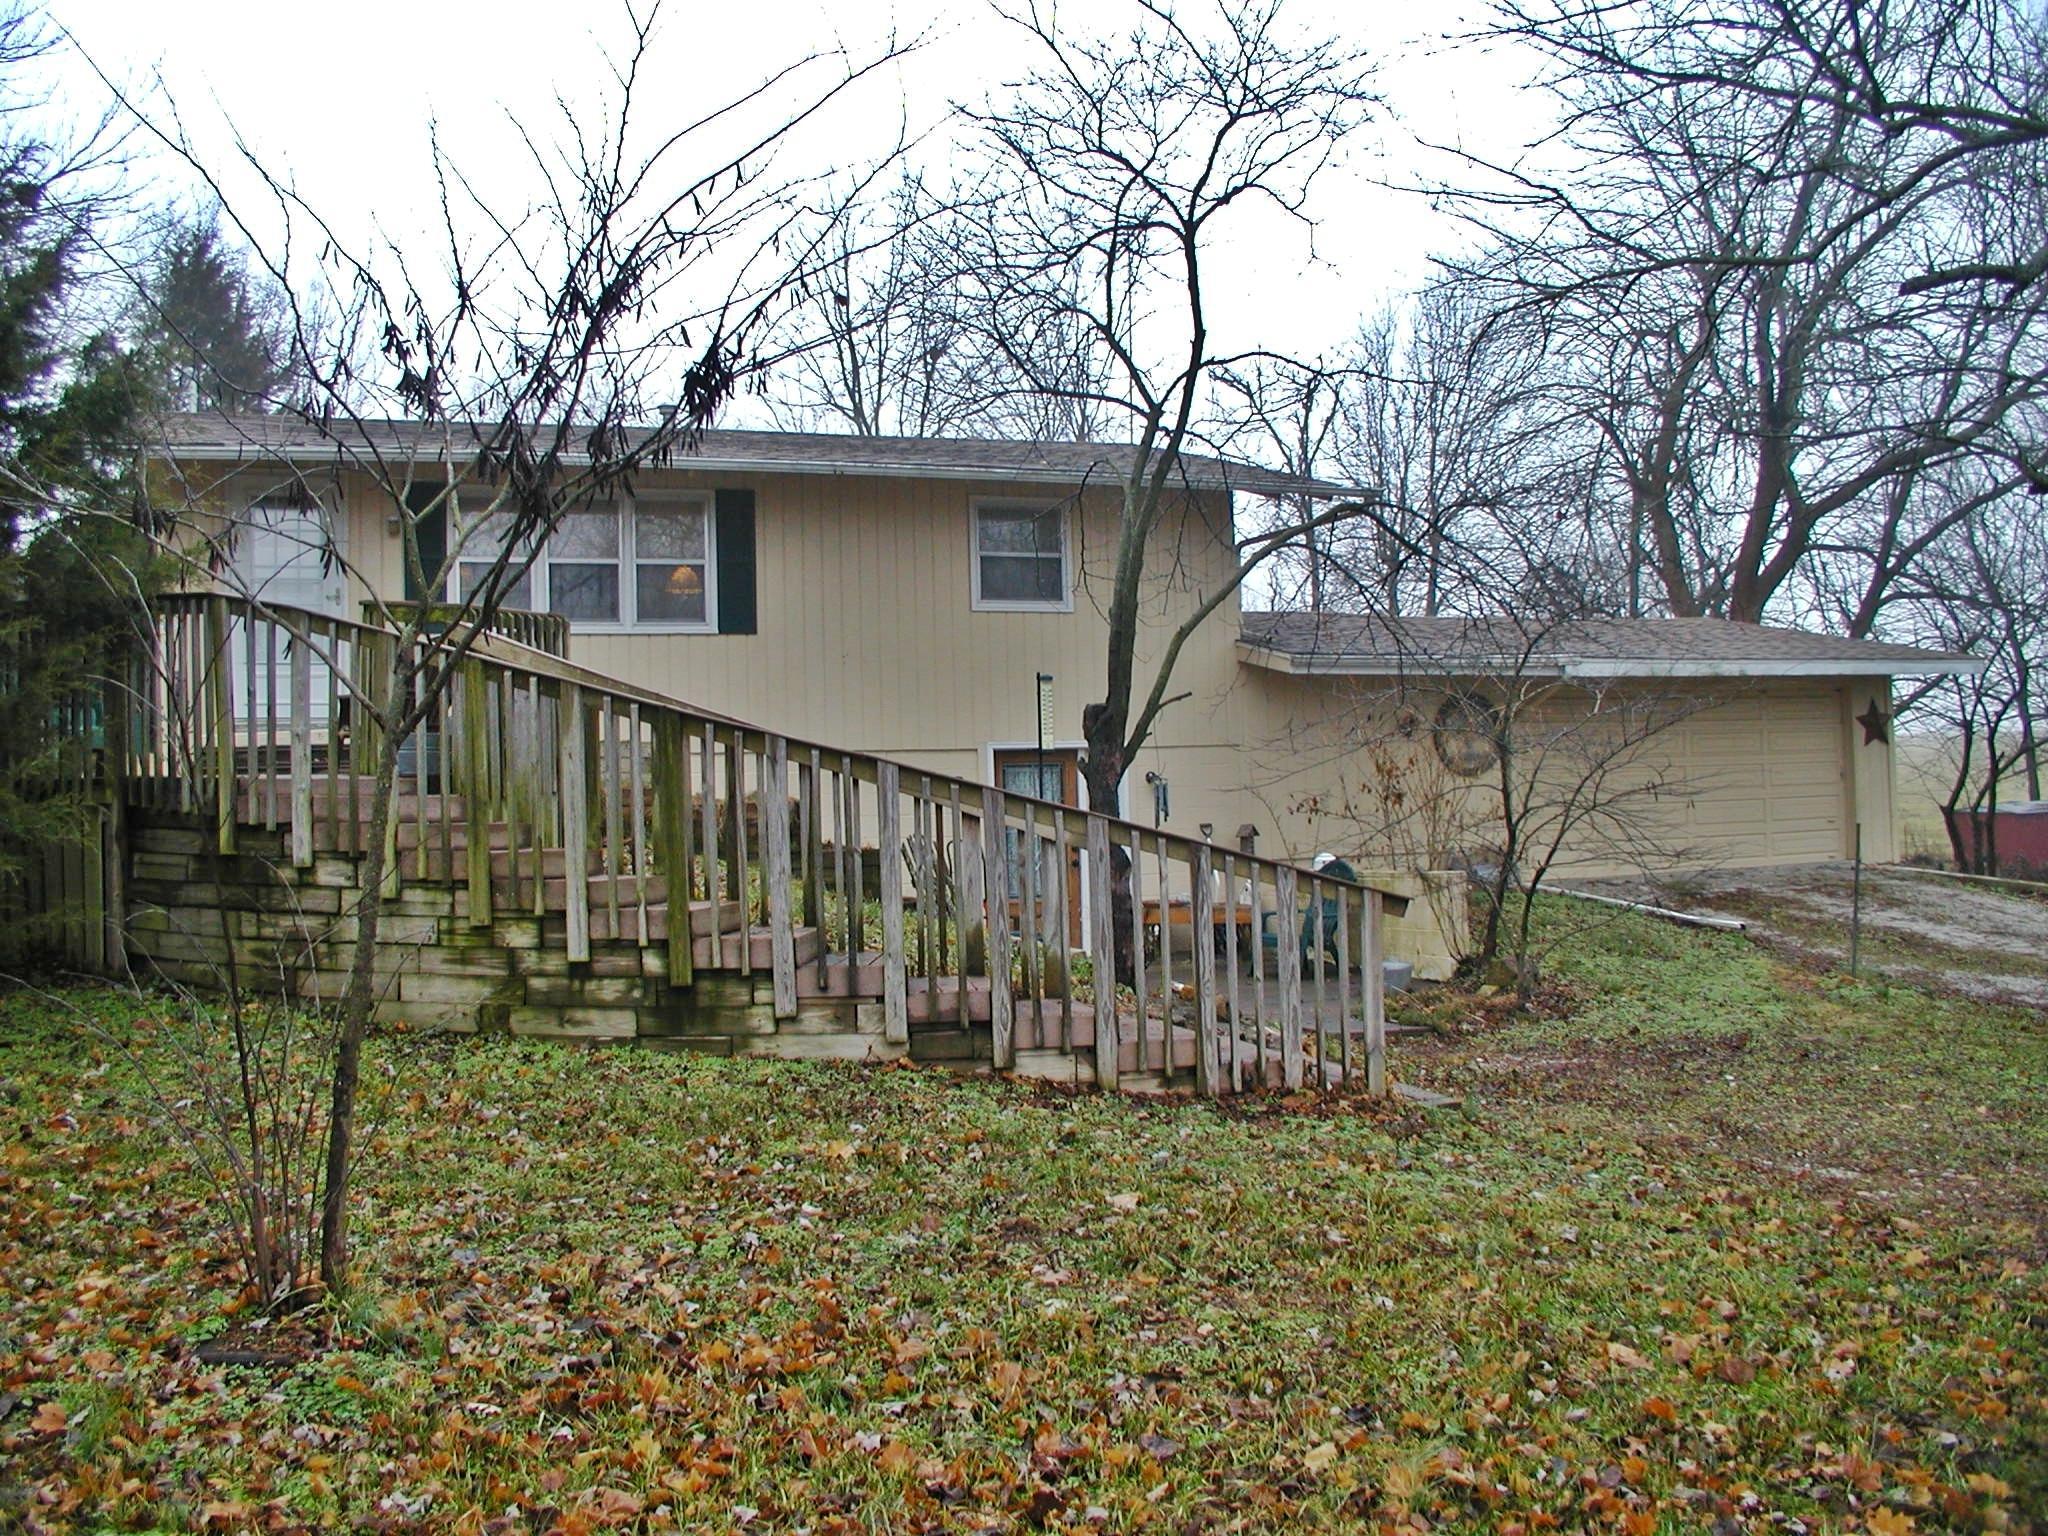 6454 North Farm Road 91 Willard Mo 65781